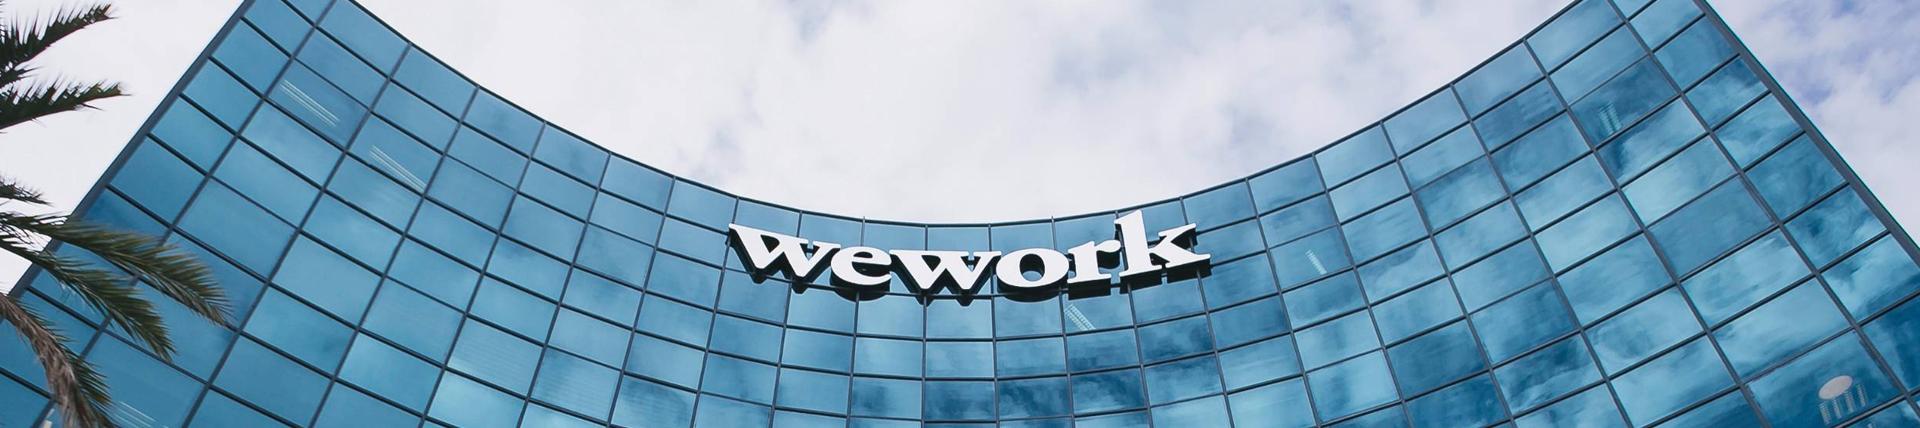 前无古人!Wework创始人将域名卖给自家公司牟利600万美元?